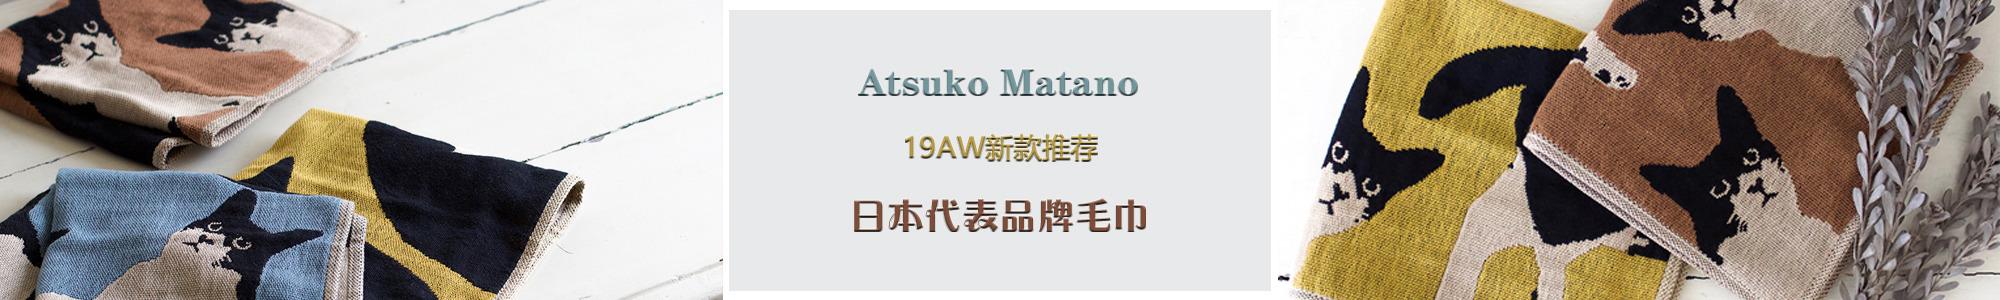 Atsuko Matano毛巾